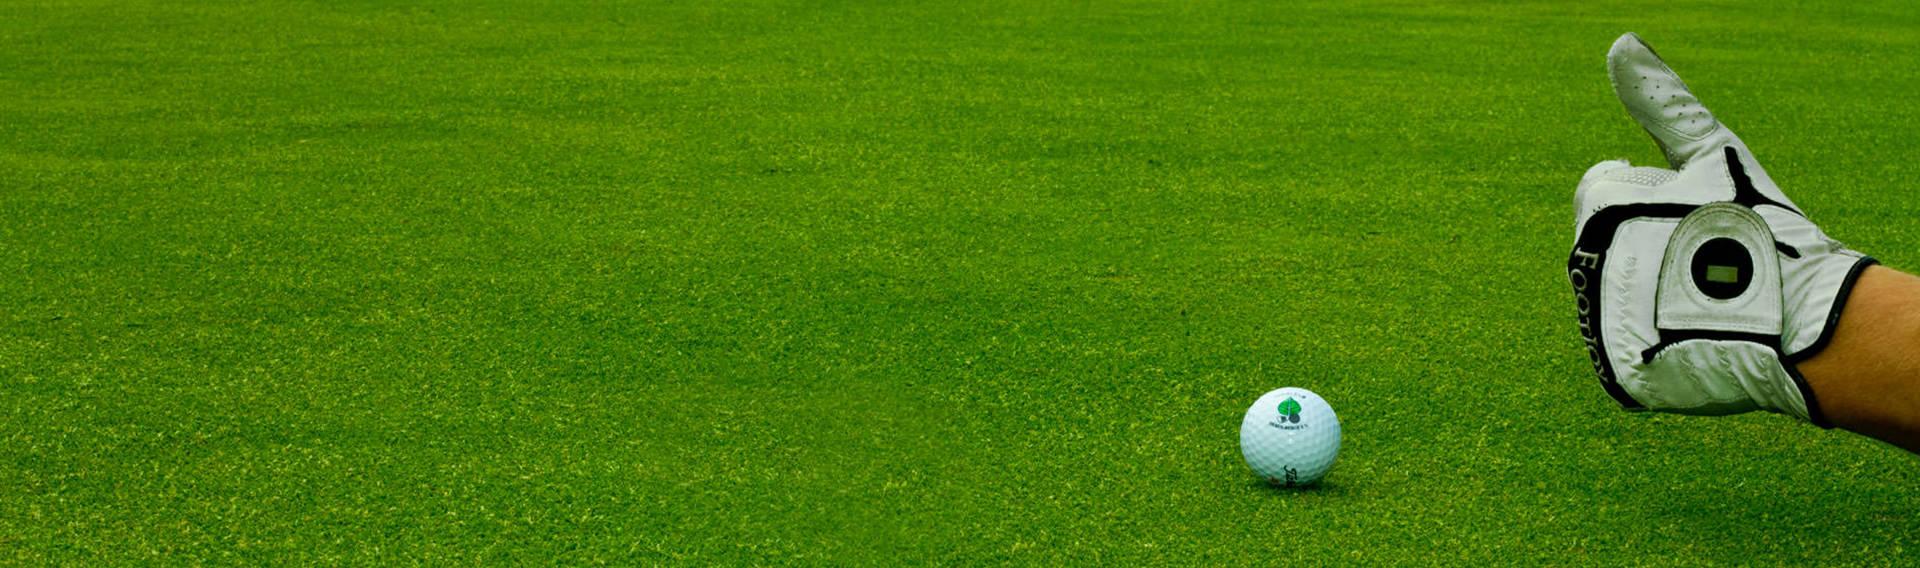 Golfclub Sieben Berge Rheden - Golfregeln Videos